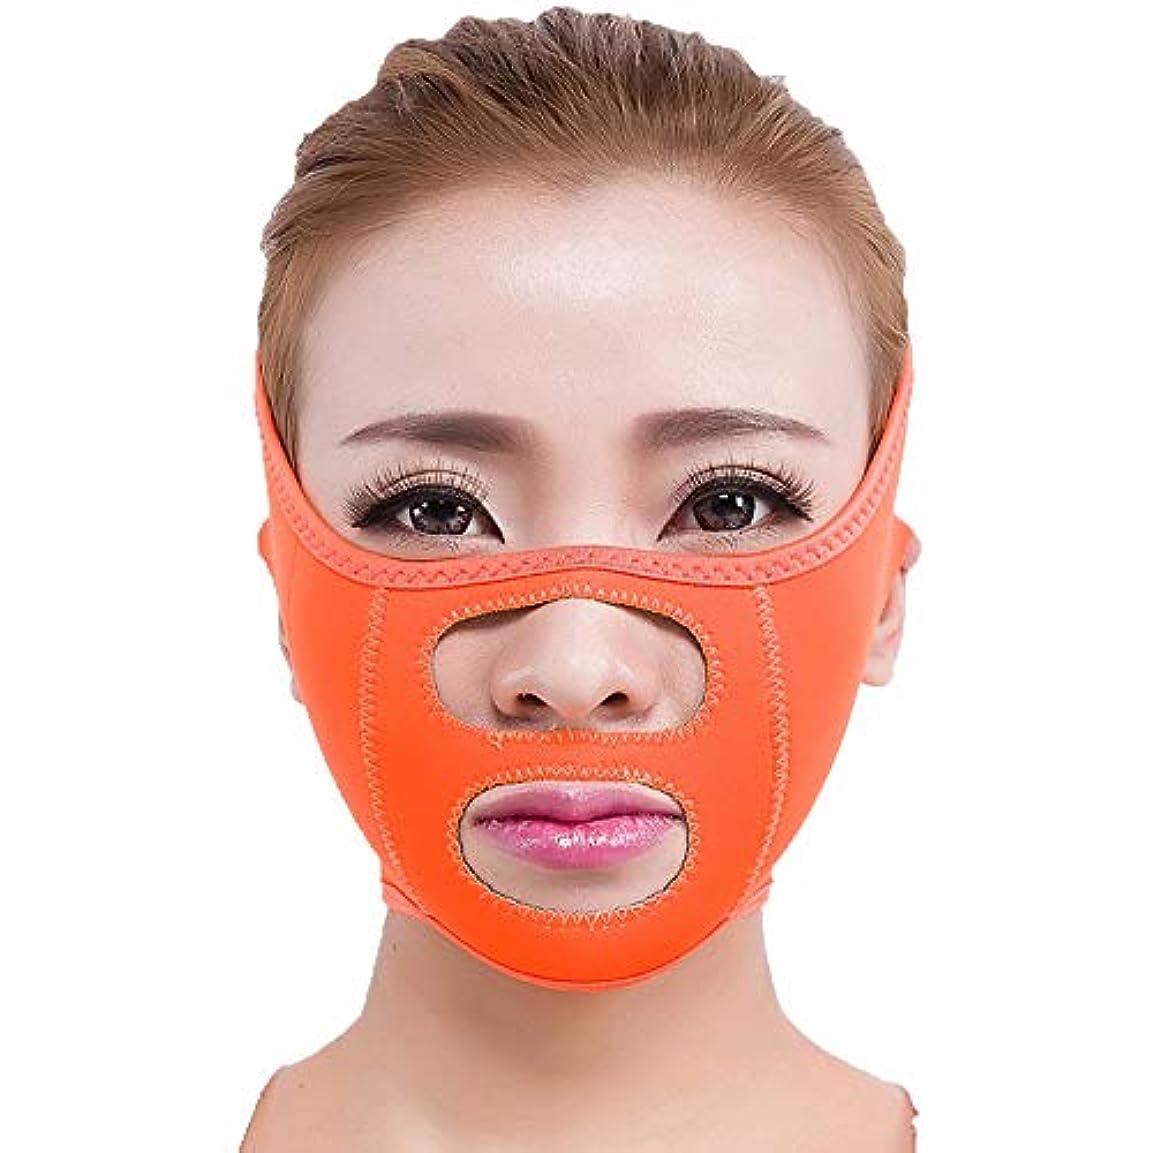 幸運なことに密増幅二重顎の圧力低下装置、睡眠薄い顔のベルト小さなvの顔の器械の包帯マスク持ち上げる顔のステッカー,Orange